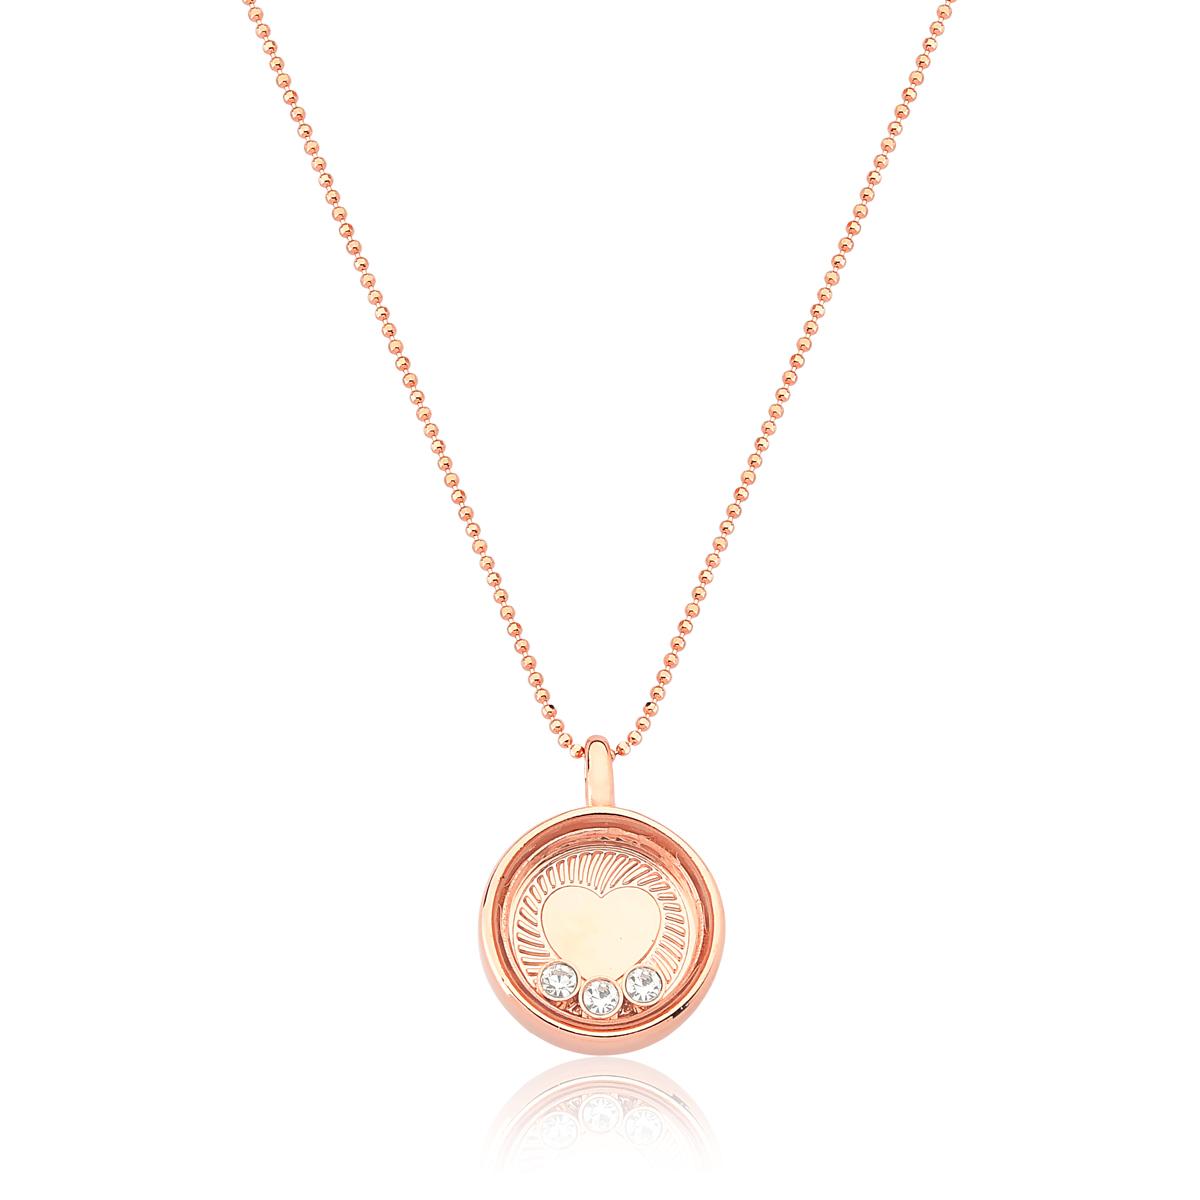 Colar Reliquaire Ballet Crystals Heart Revestido em Ouro Rose